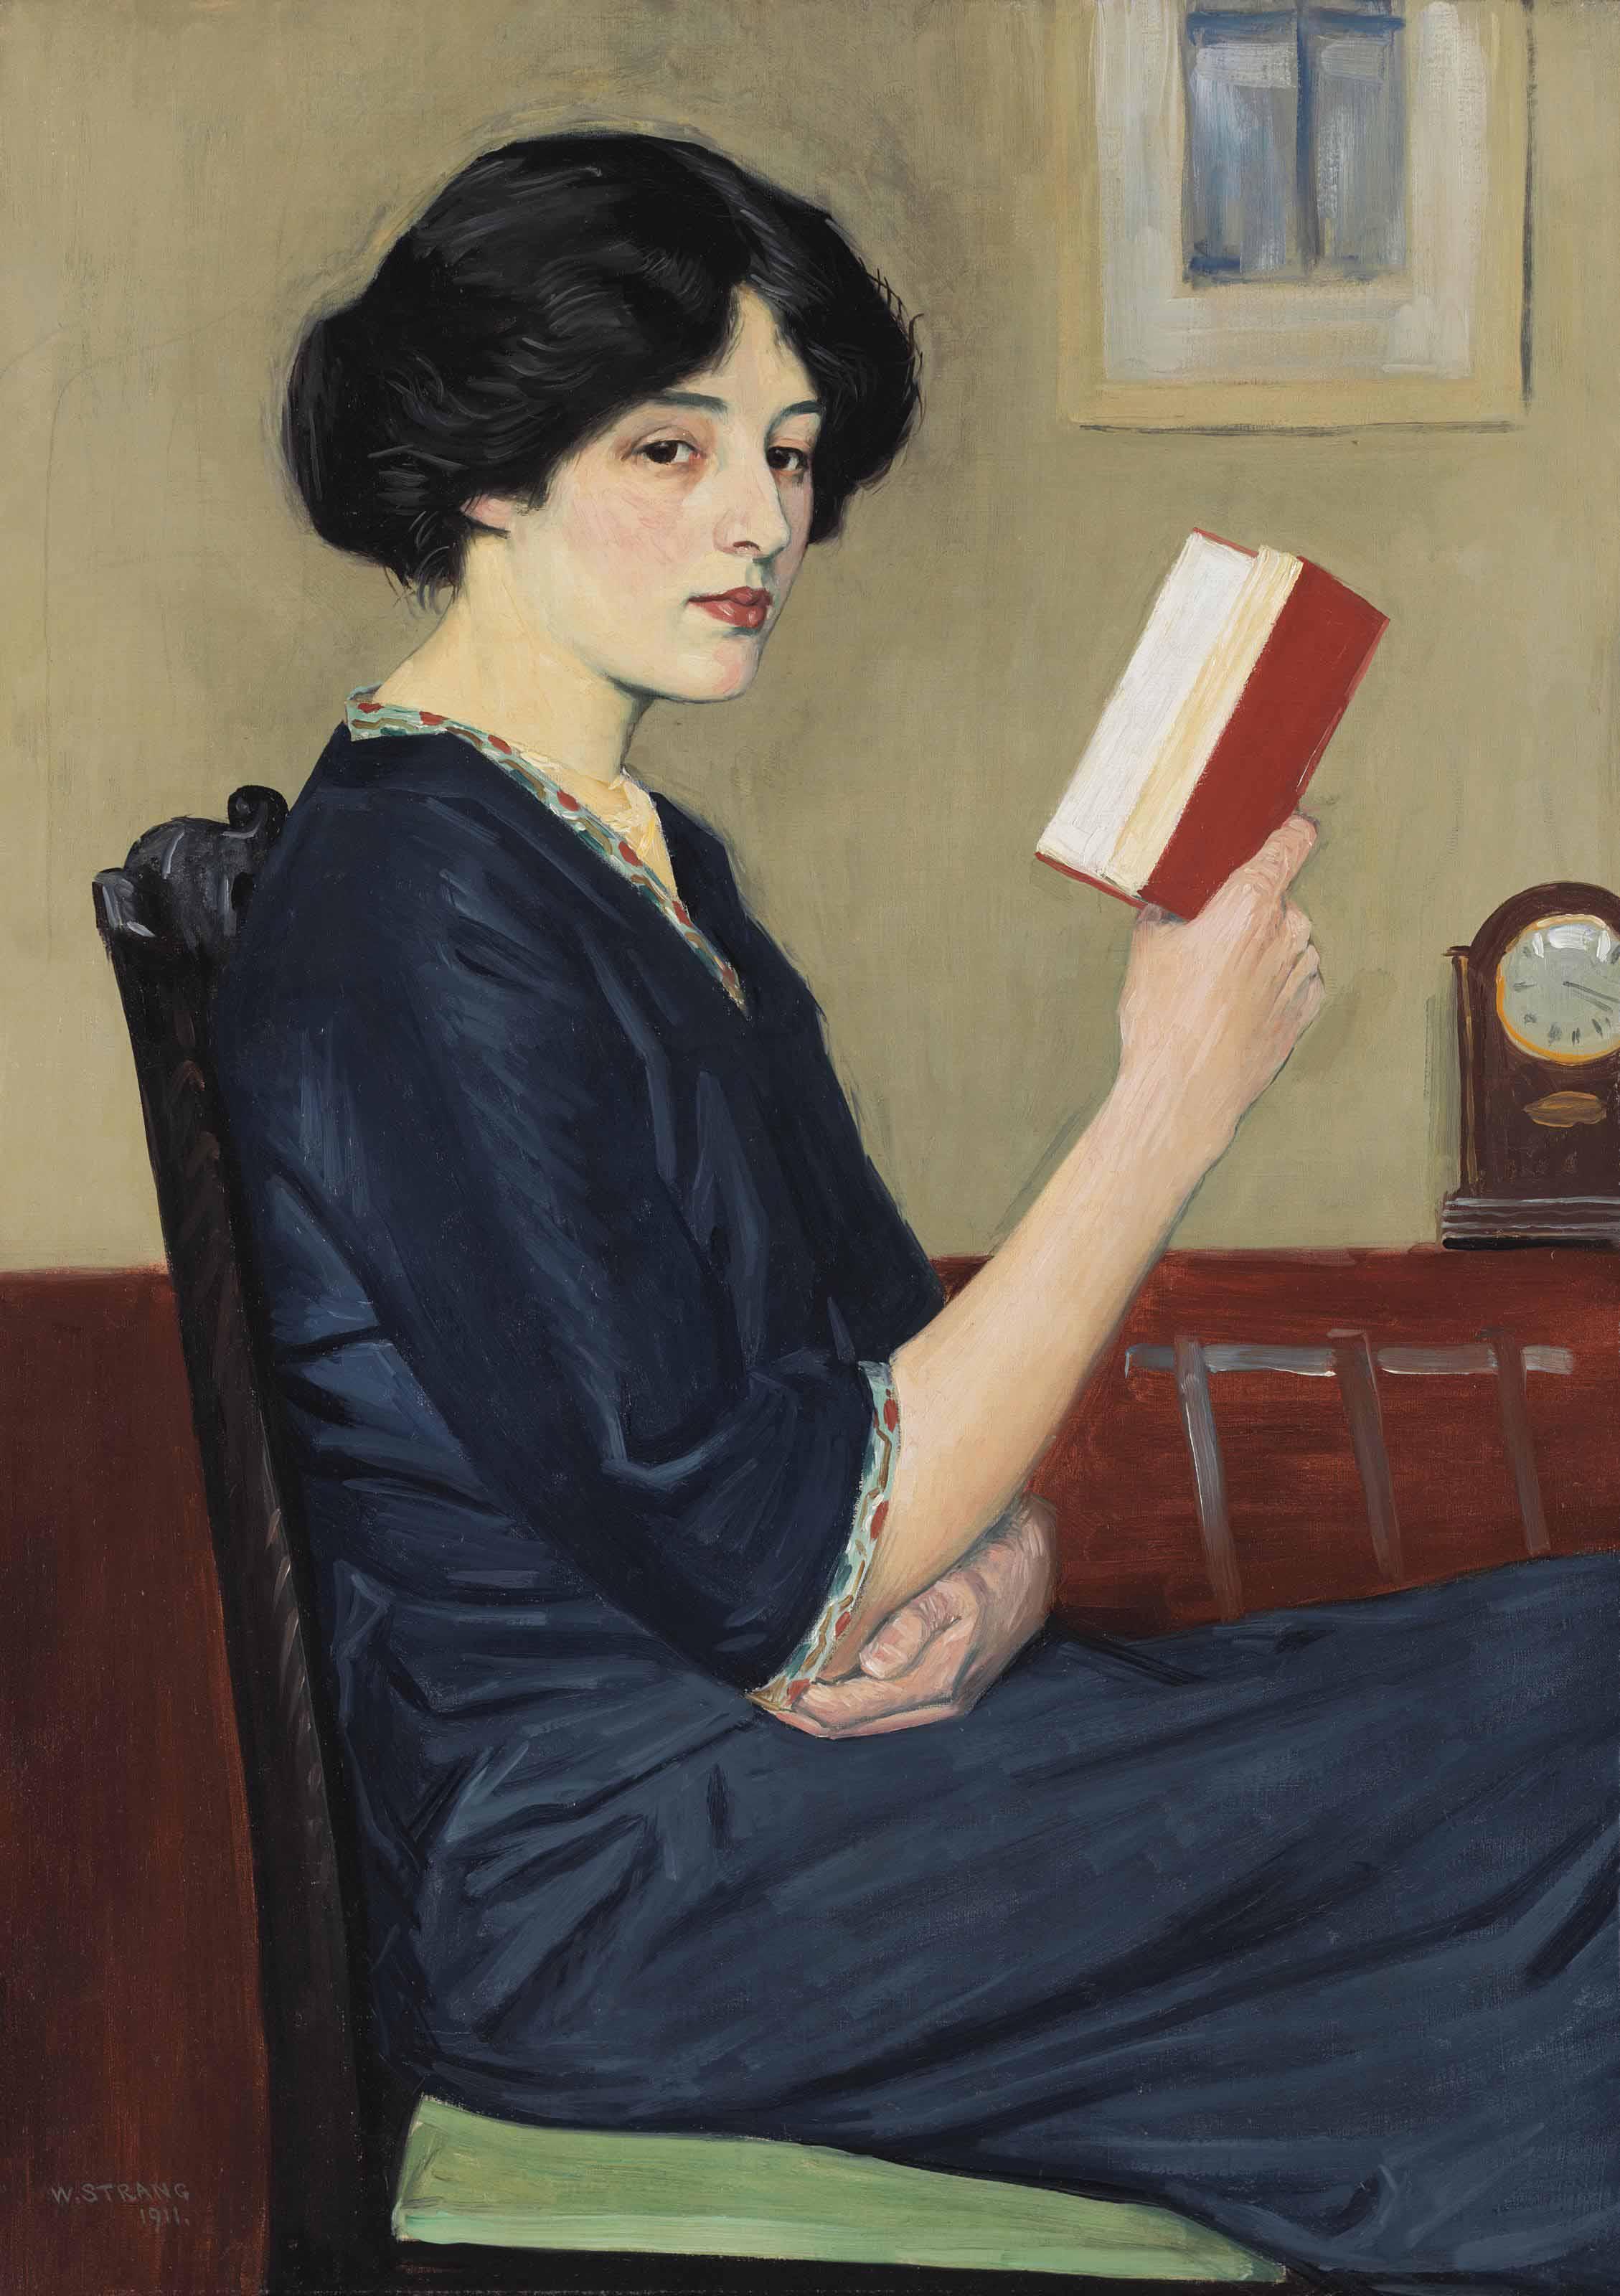 Girl reading. The Storyteller